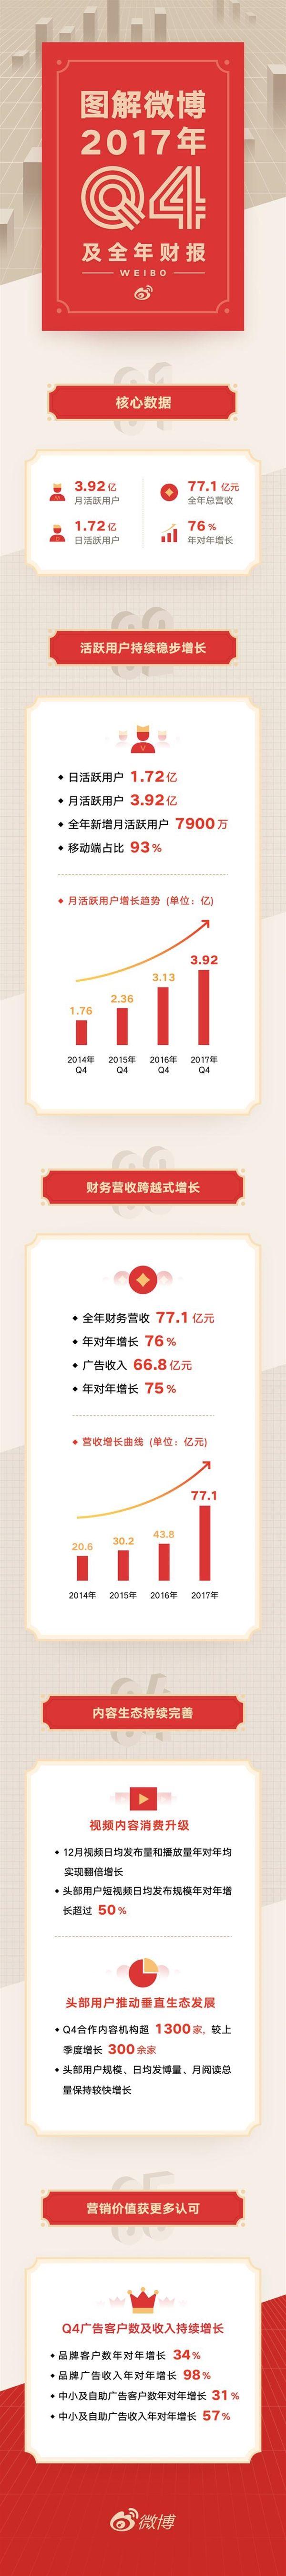 微博月活用户达3.92亿:创下上市以来最大数量净增长